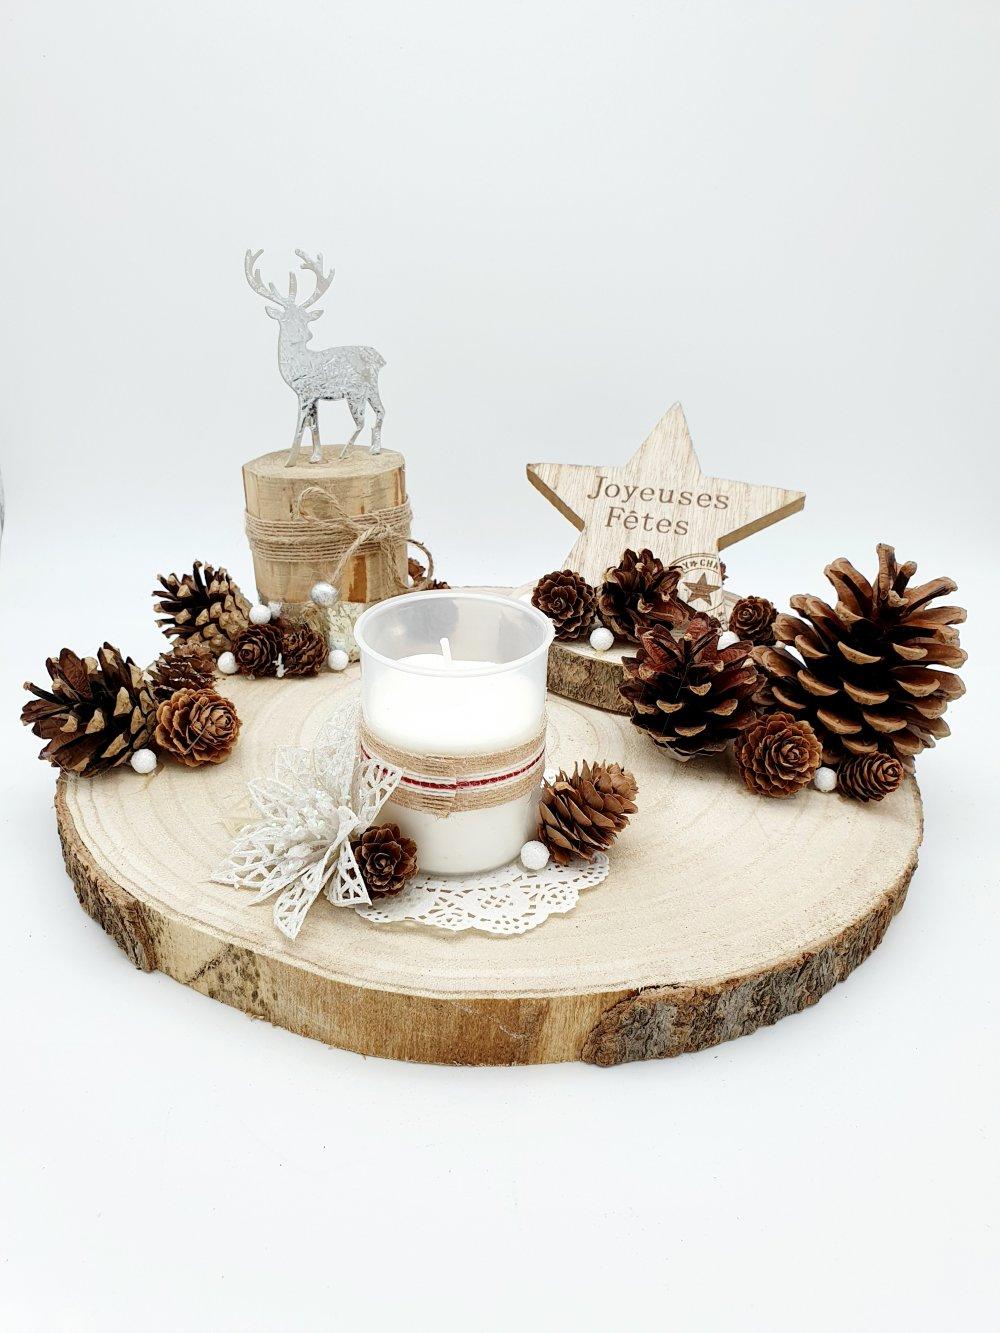 Bougie Décoration De Table centre de table en bois - noel / jour de l'an / fêtes - avec bougie - cerf